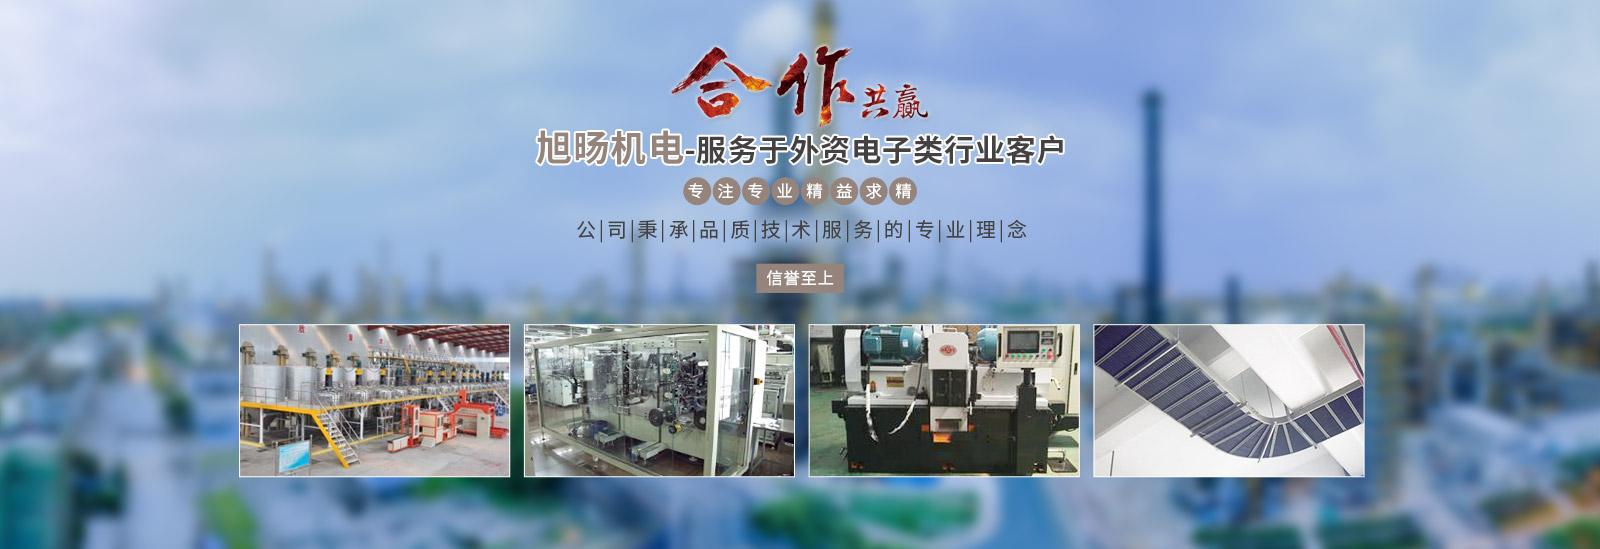 无锡旭旸机电工程有限公司